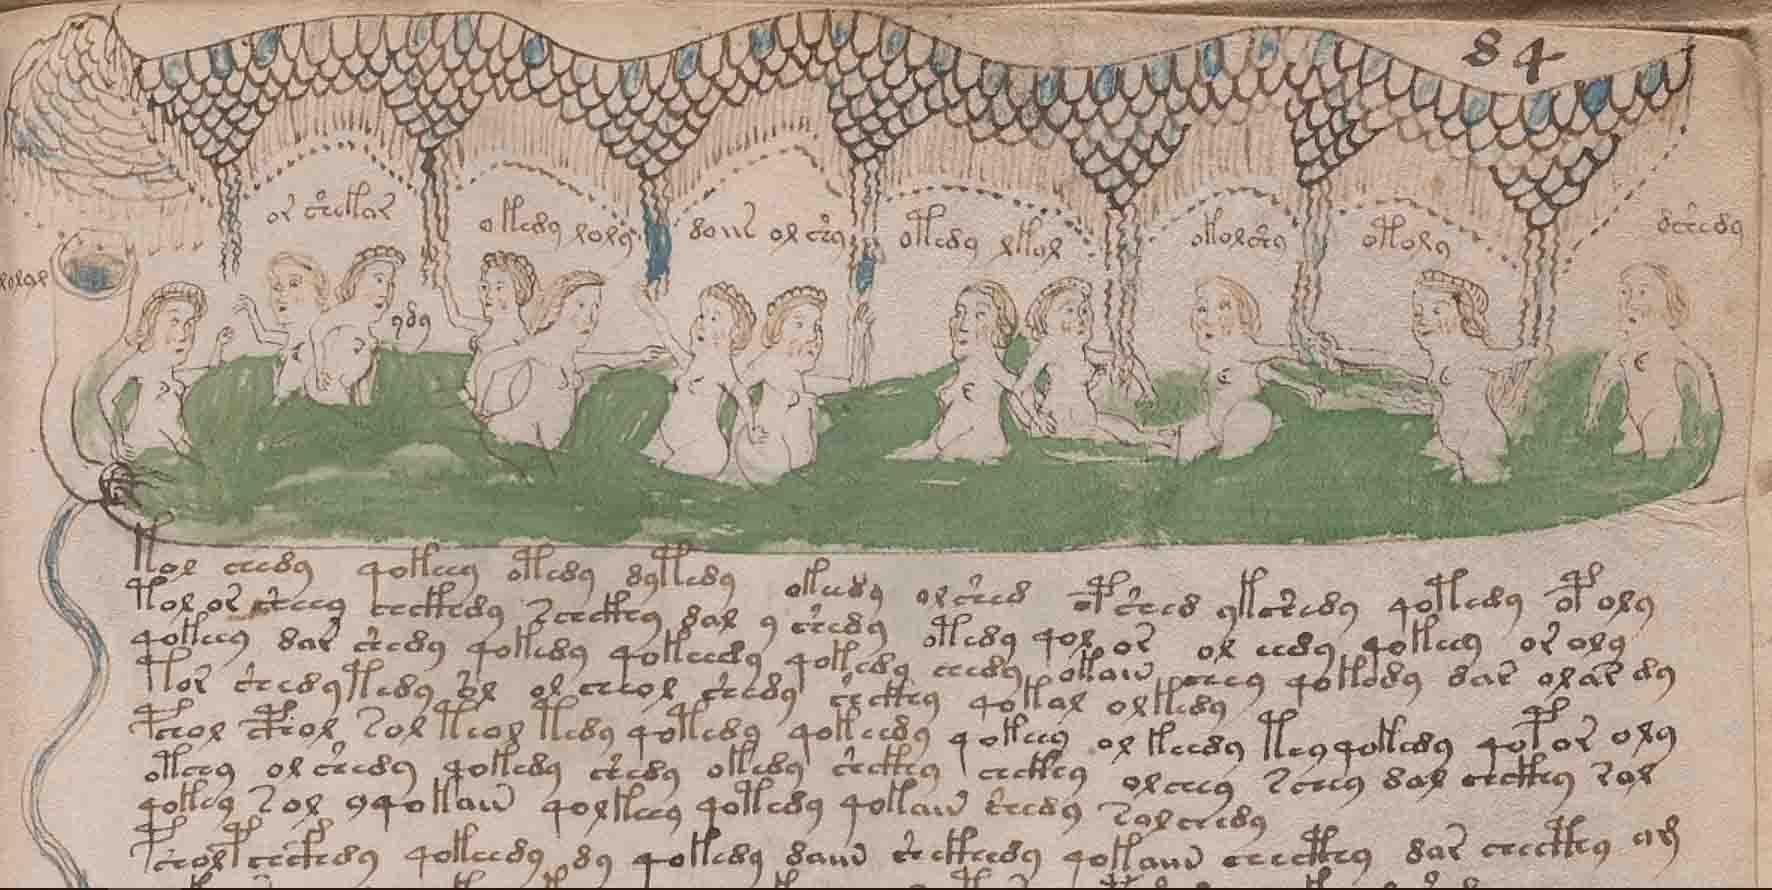 El misterio del Manuscrito Voynich